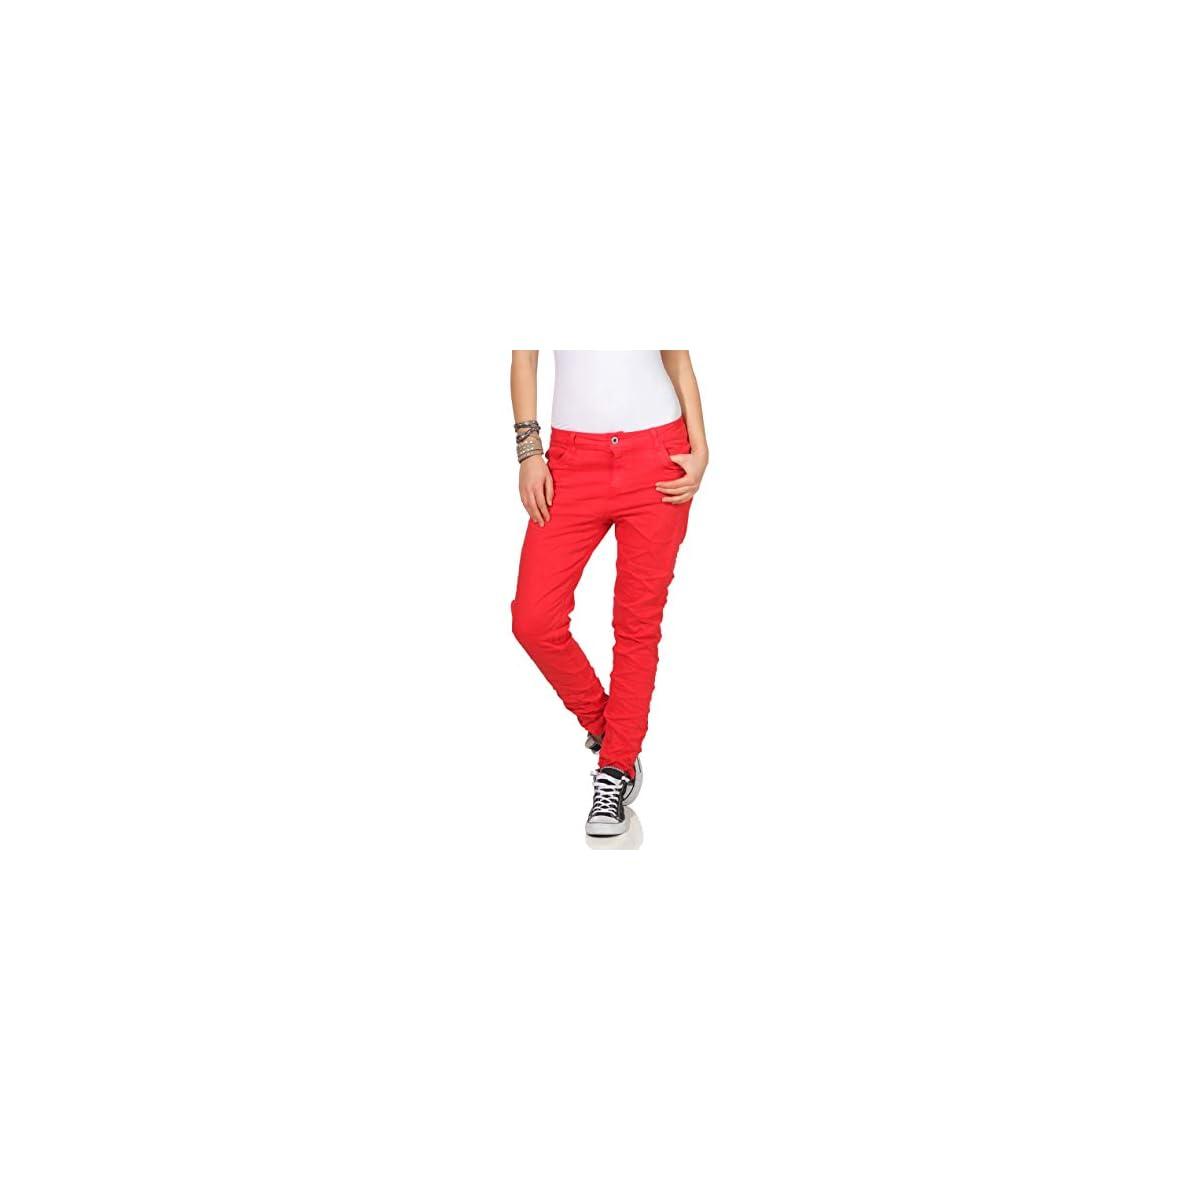 KAROSTAR Chino Damen Jeans Baggy Hose Rot